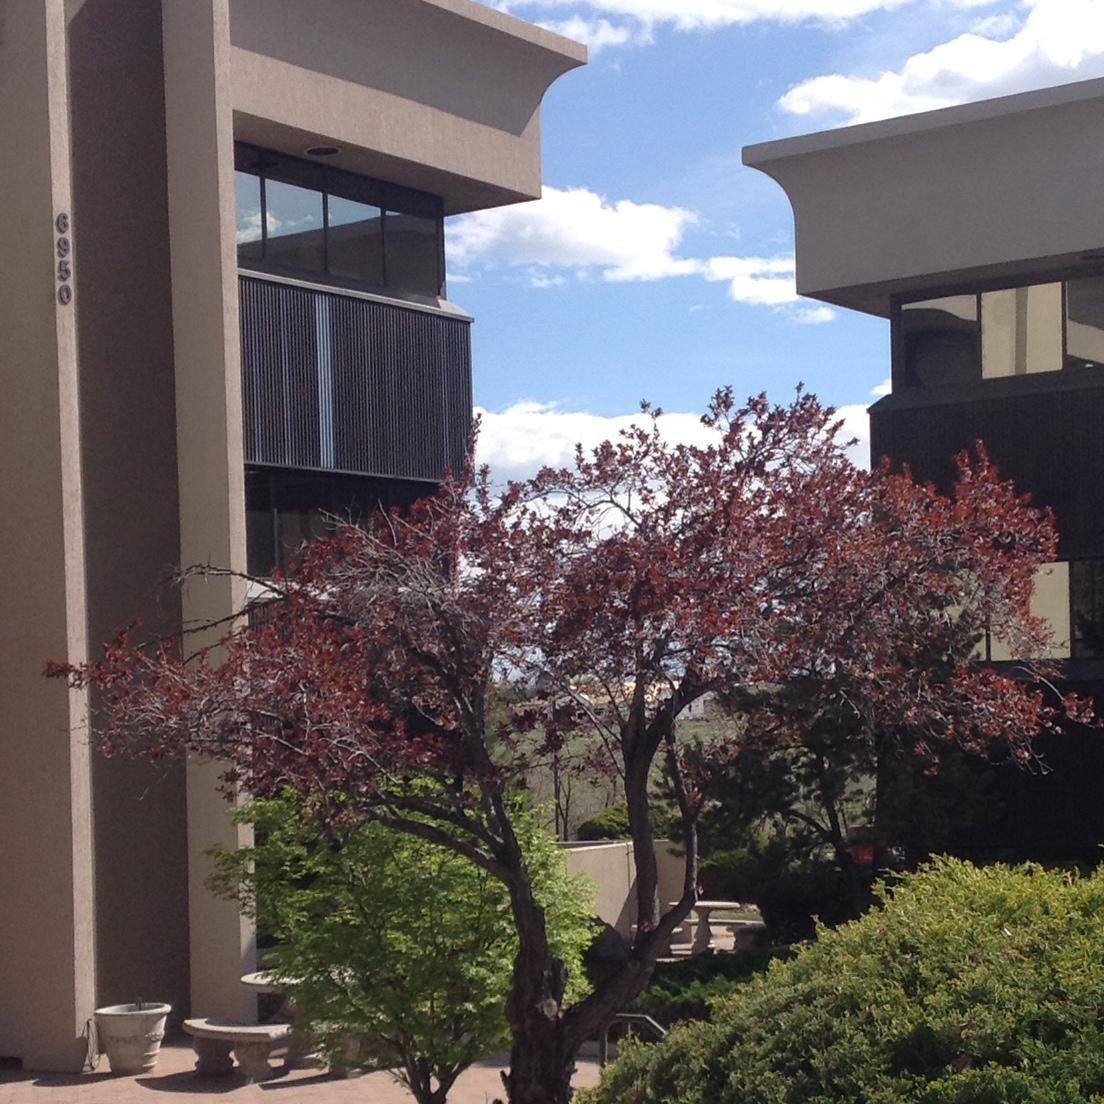 Denver Estate Planning